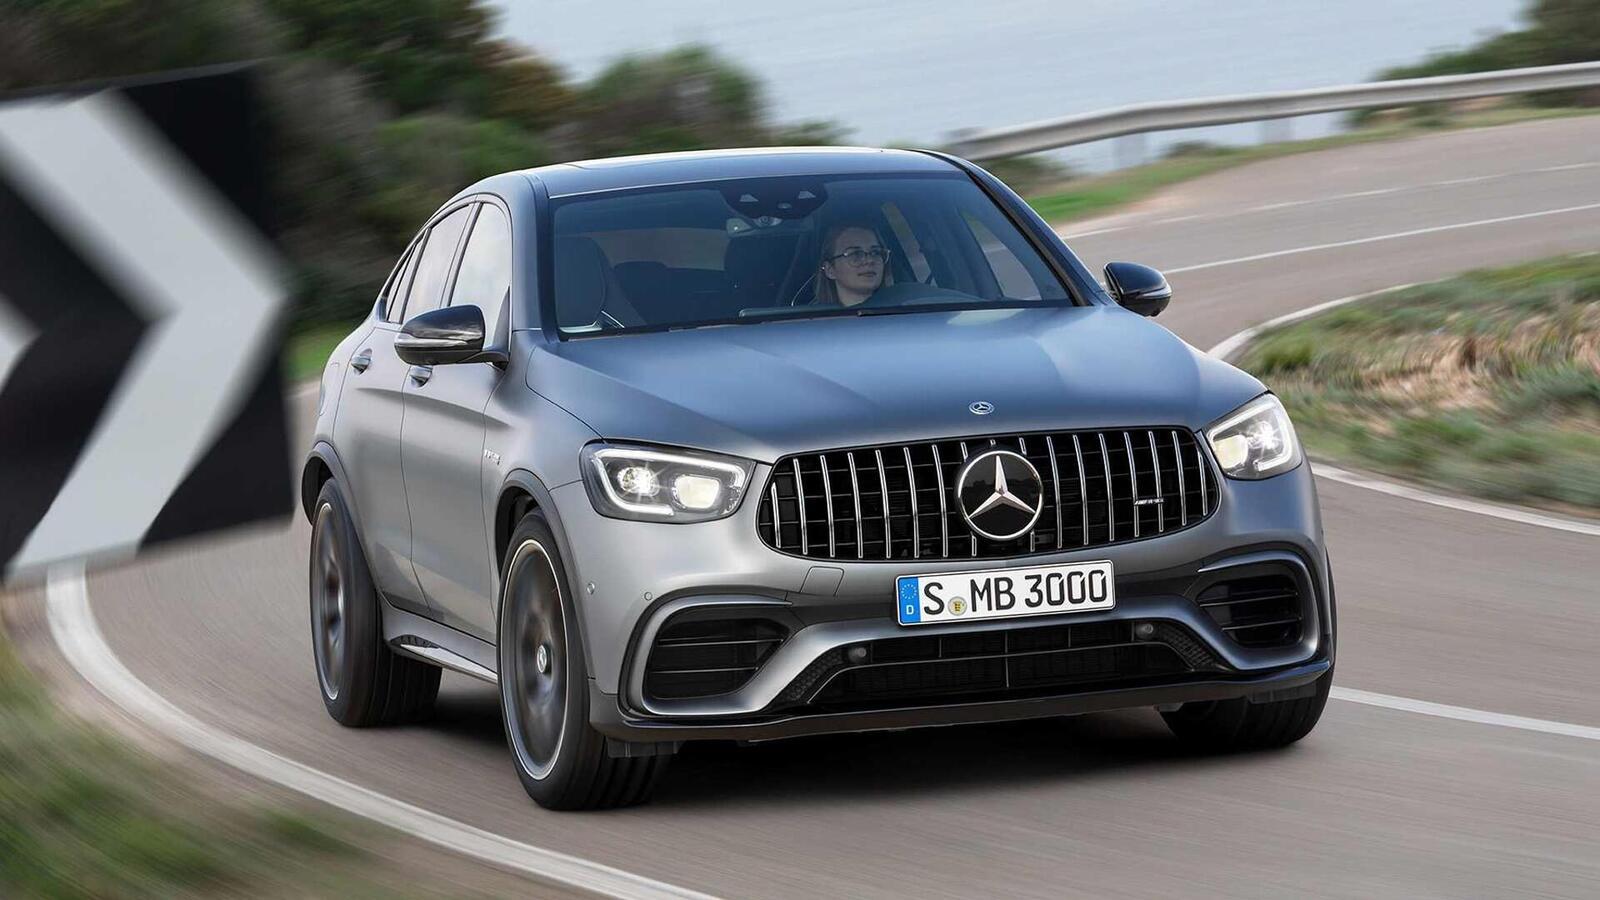 Mercedes-AMG giới thiệu GLC và GLC Coupe 63 mới lắp động cơ V8 4.0L Biturbo mạnh hơn 460 mã lực - Hình 26